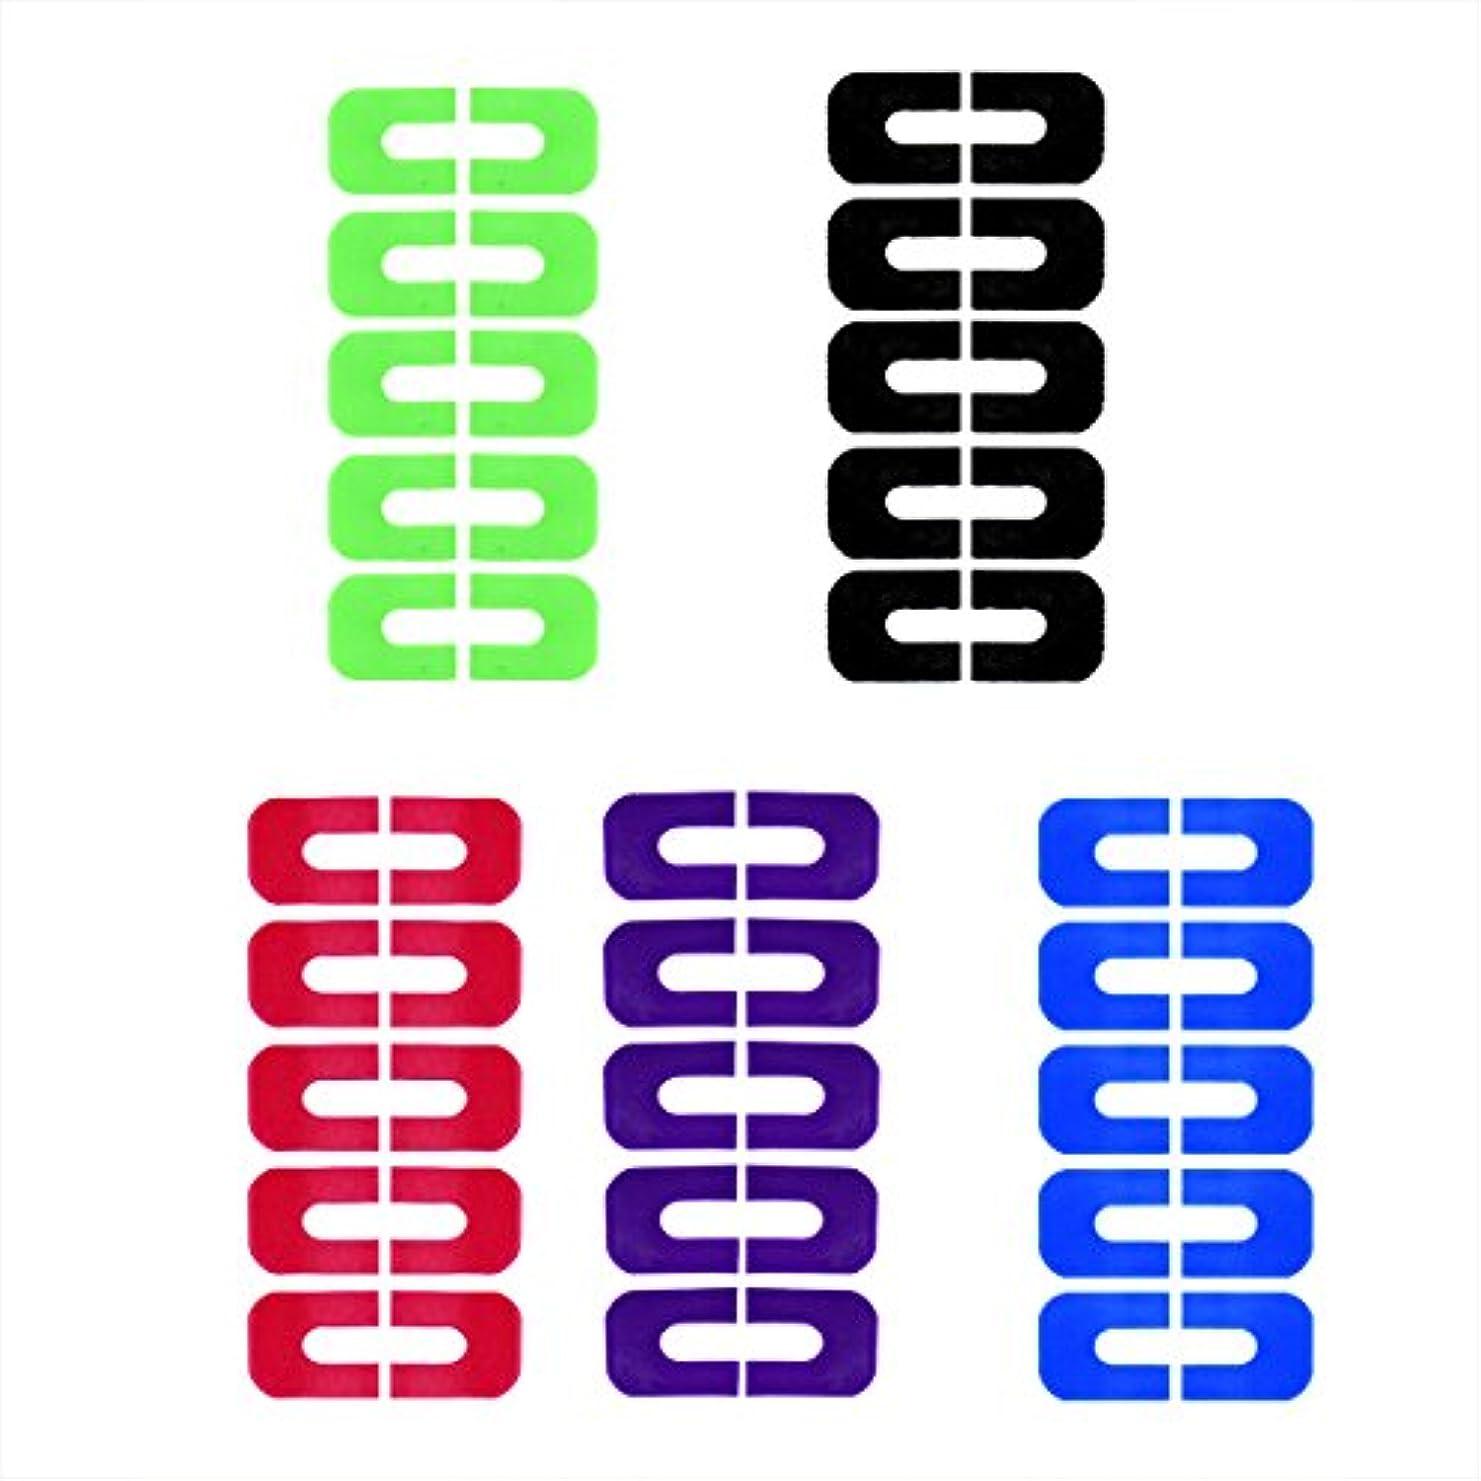 揮発性塩辛い礼儀Goshang ネイルプロテクター ネイルクリップ ピールオフテープ 肌にやさしいシートタイプ 溢れを防止 5枚セット スタンピングプレートツール